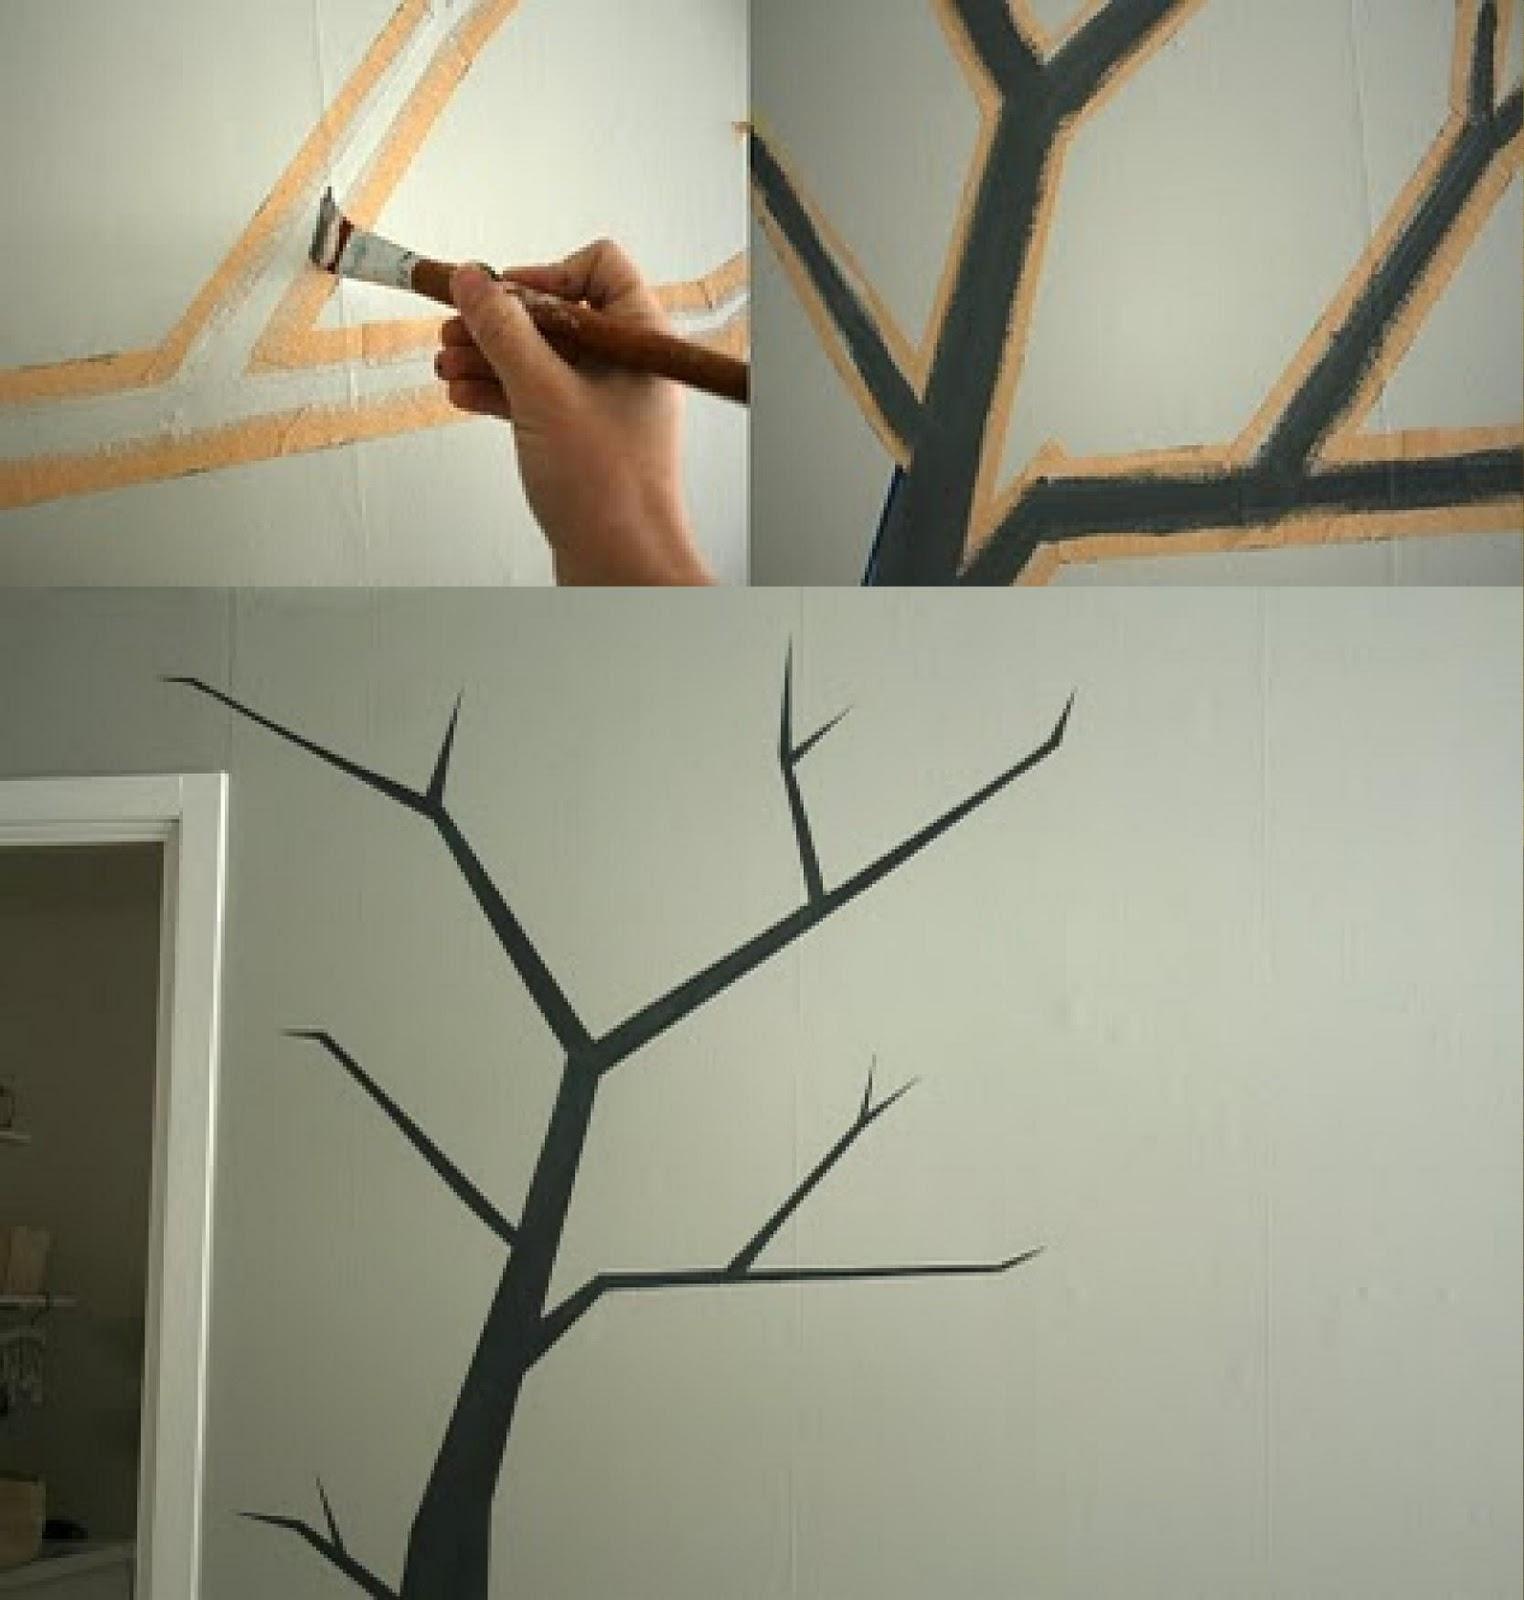 C mo pintar un rbol en la pared - Como preparar una pared para pintar ...